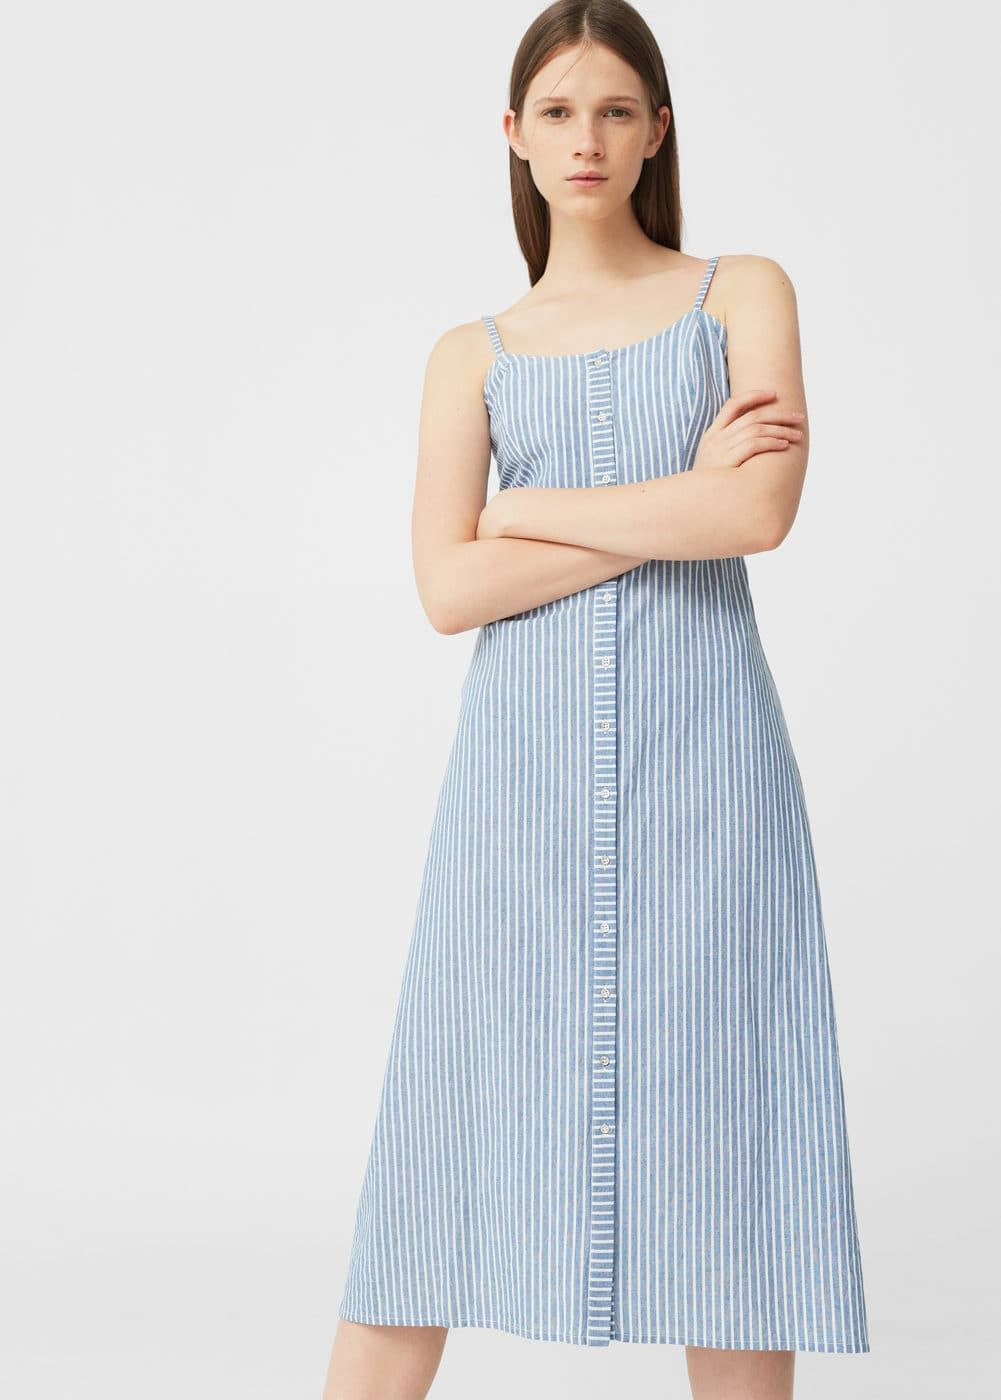 53cd87089d Vestido algodón rayas - Mujer in 2019